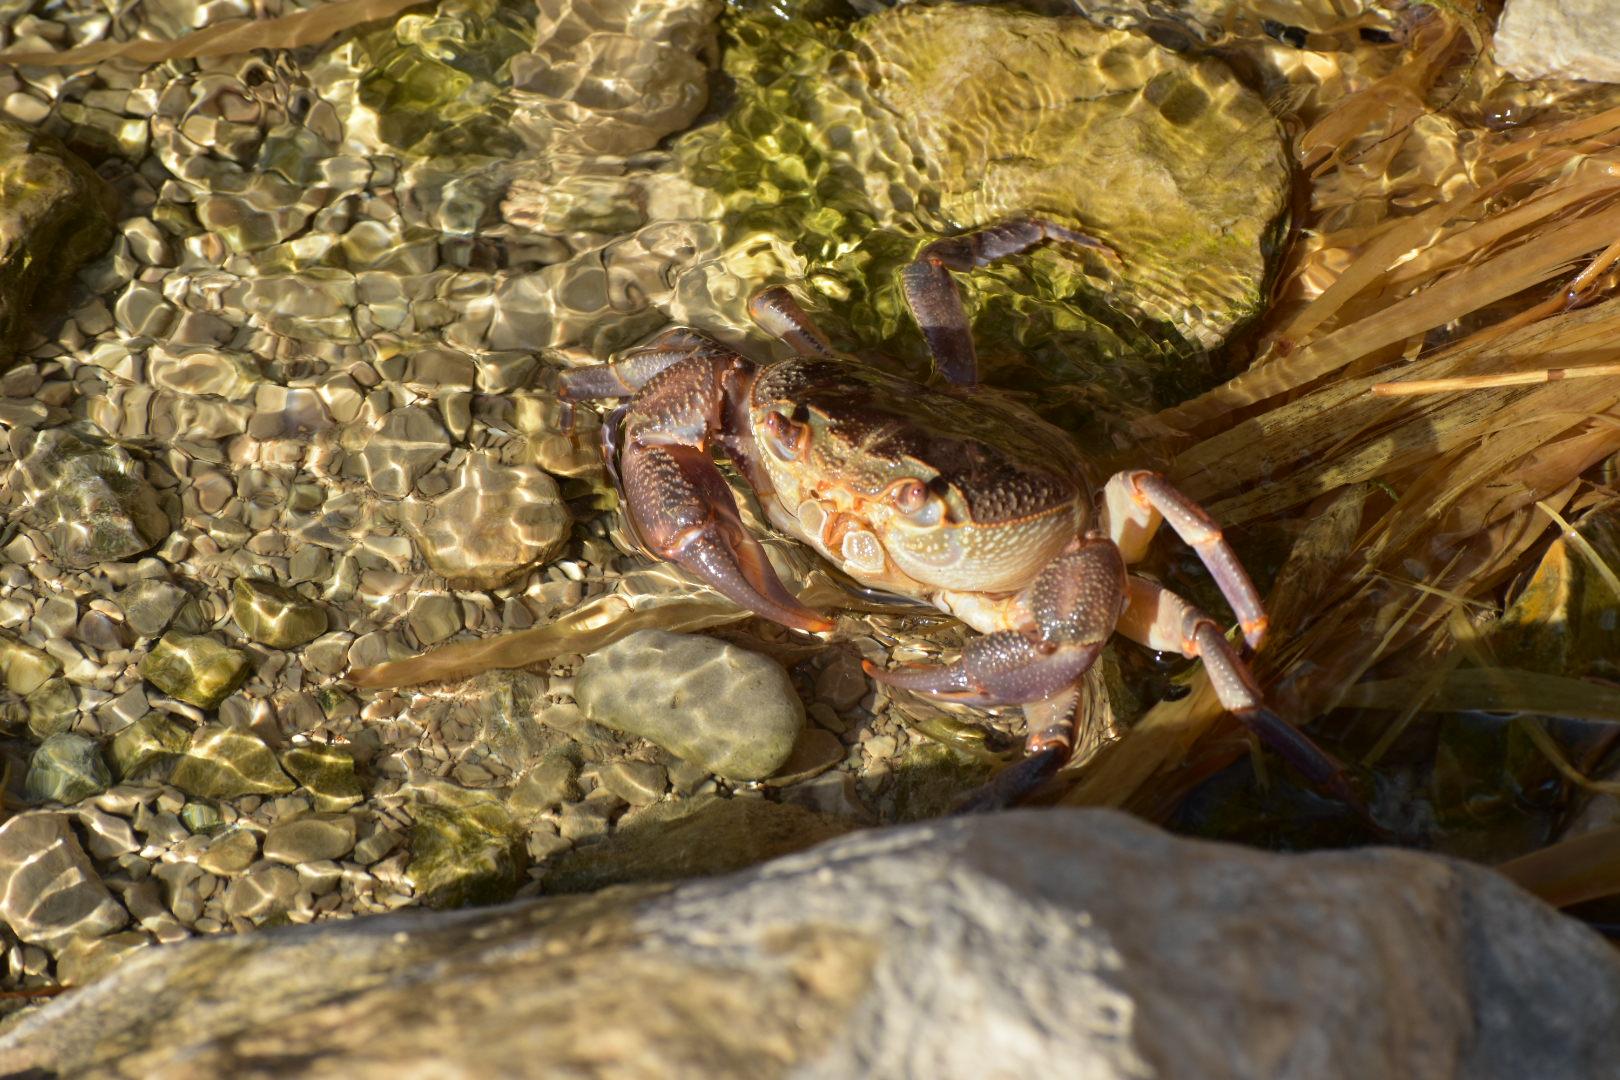 Animal encounters in Ein Gedi